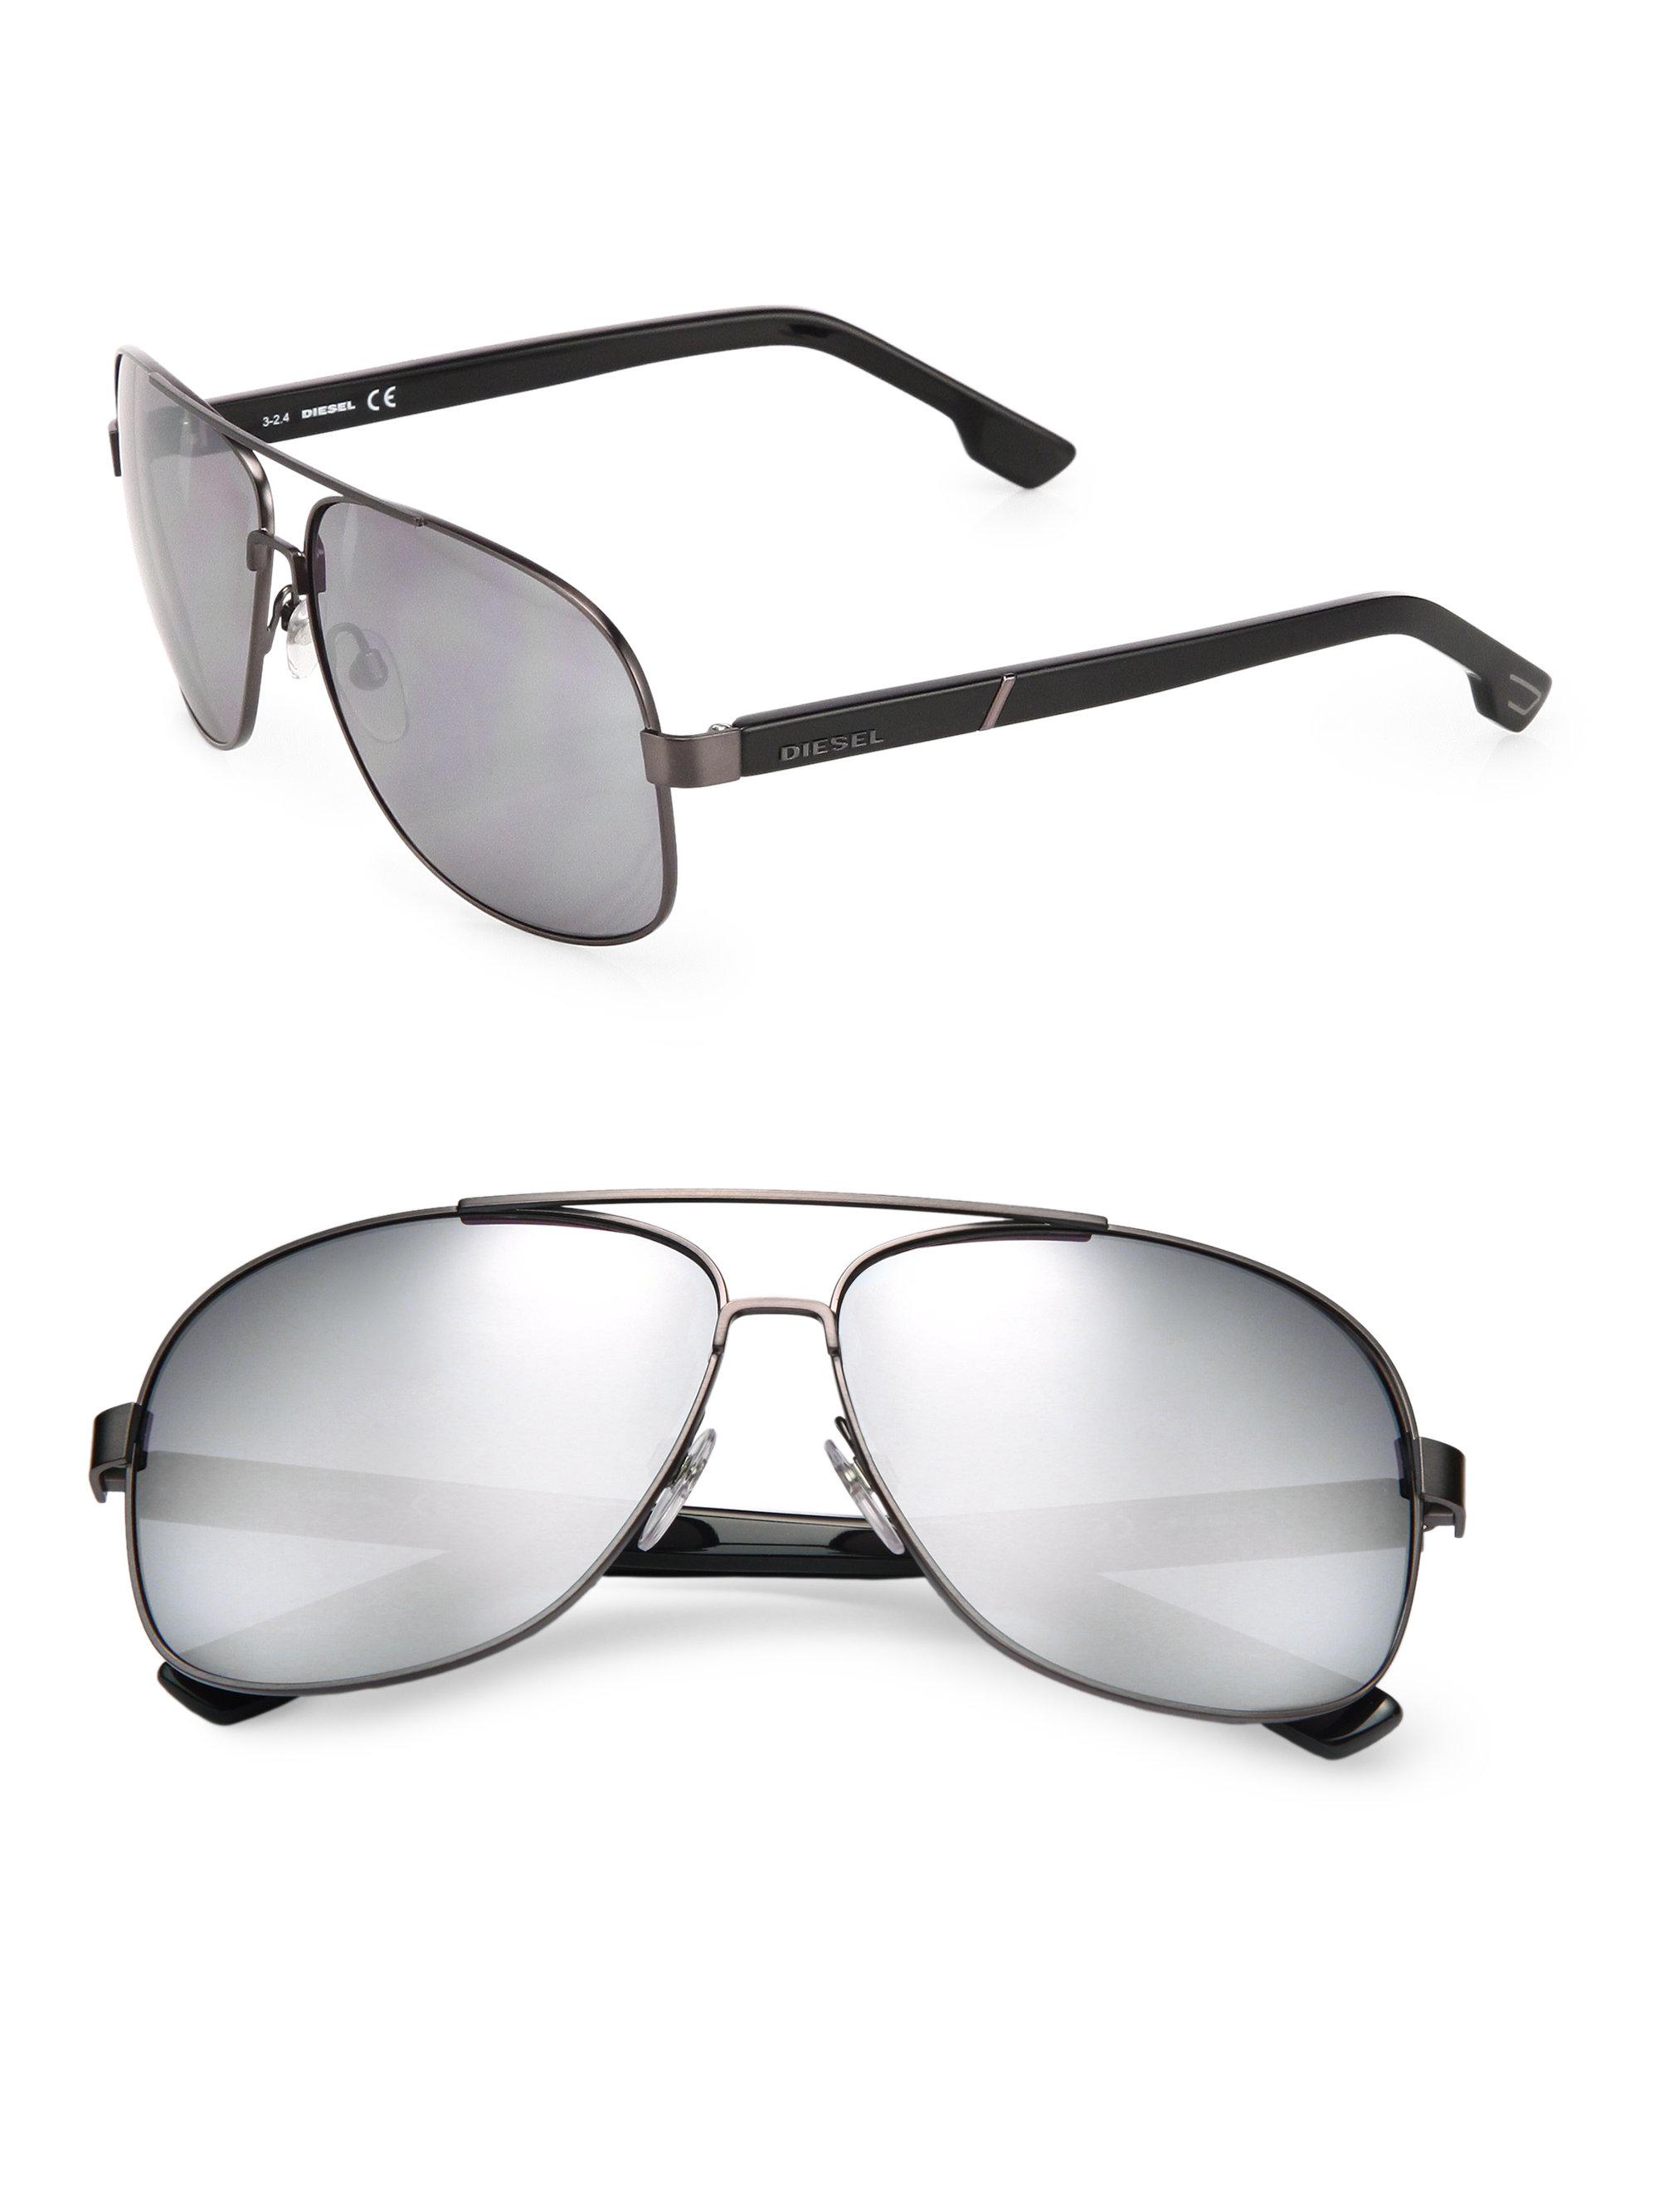 f44cefa87121 Oversized Rimless Aviator Sunglasses